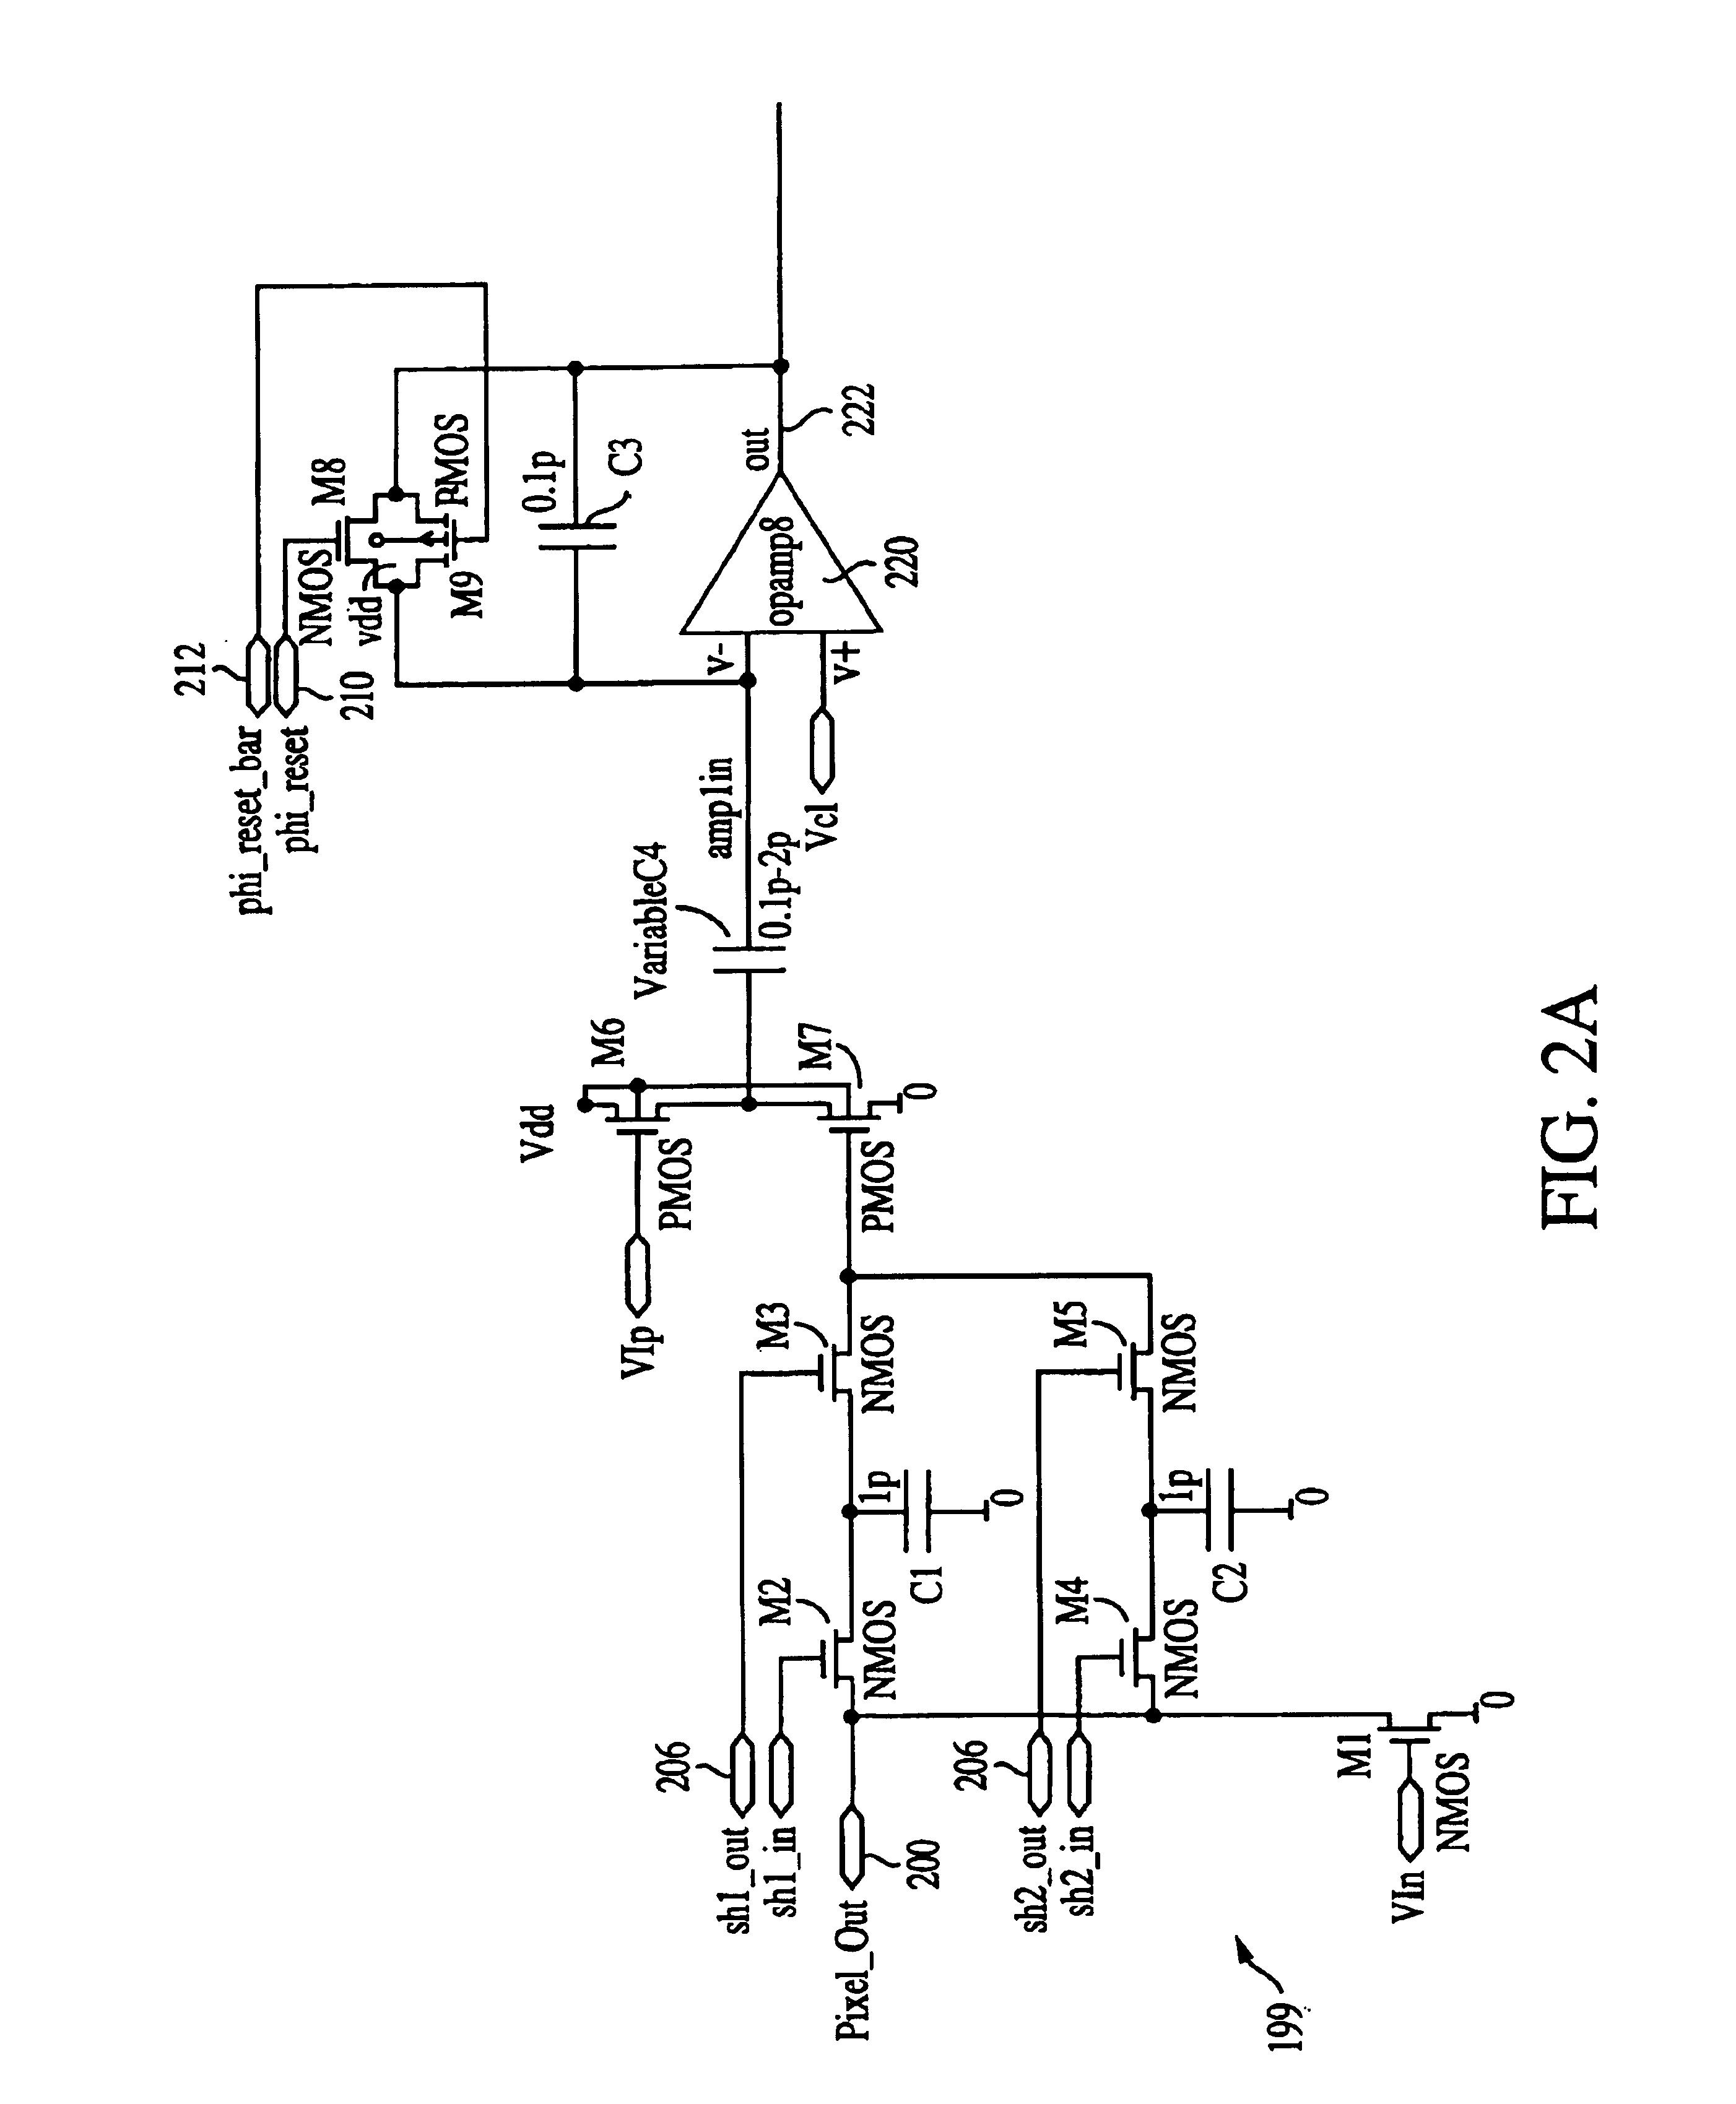 patent us6765613